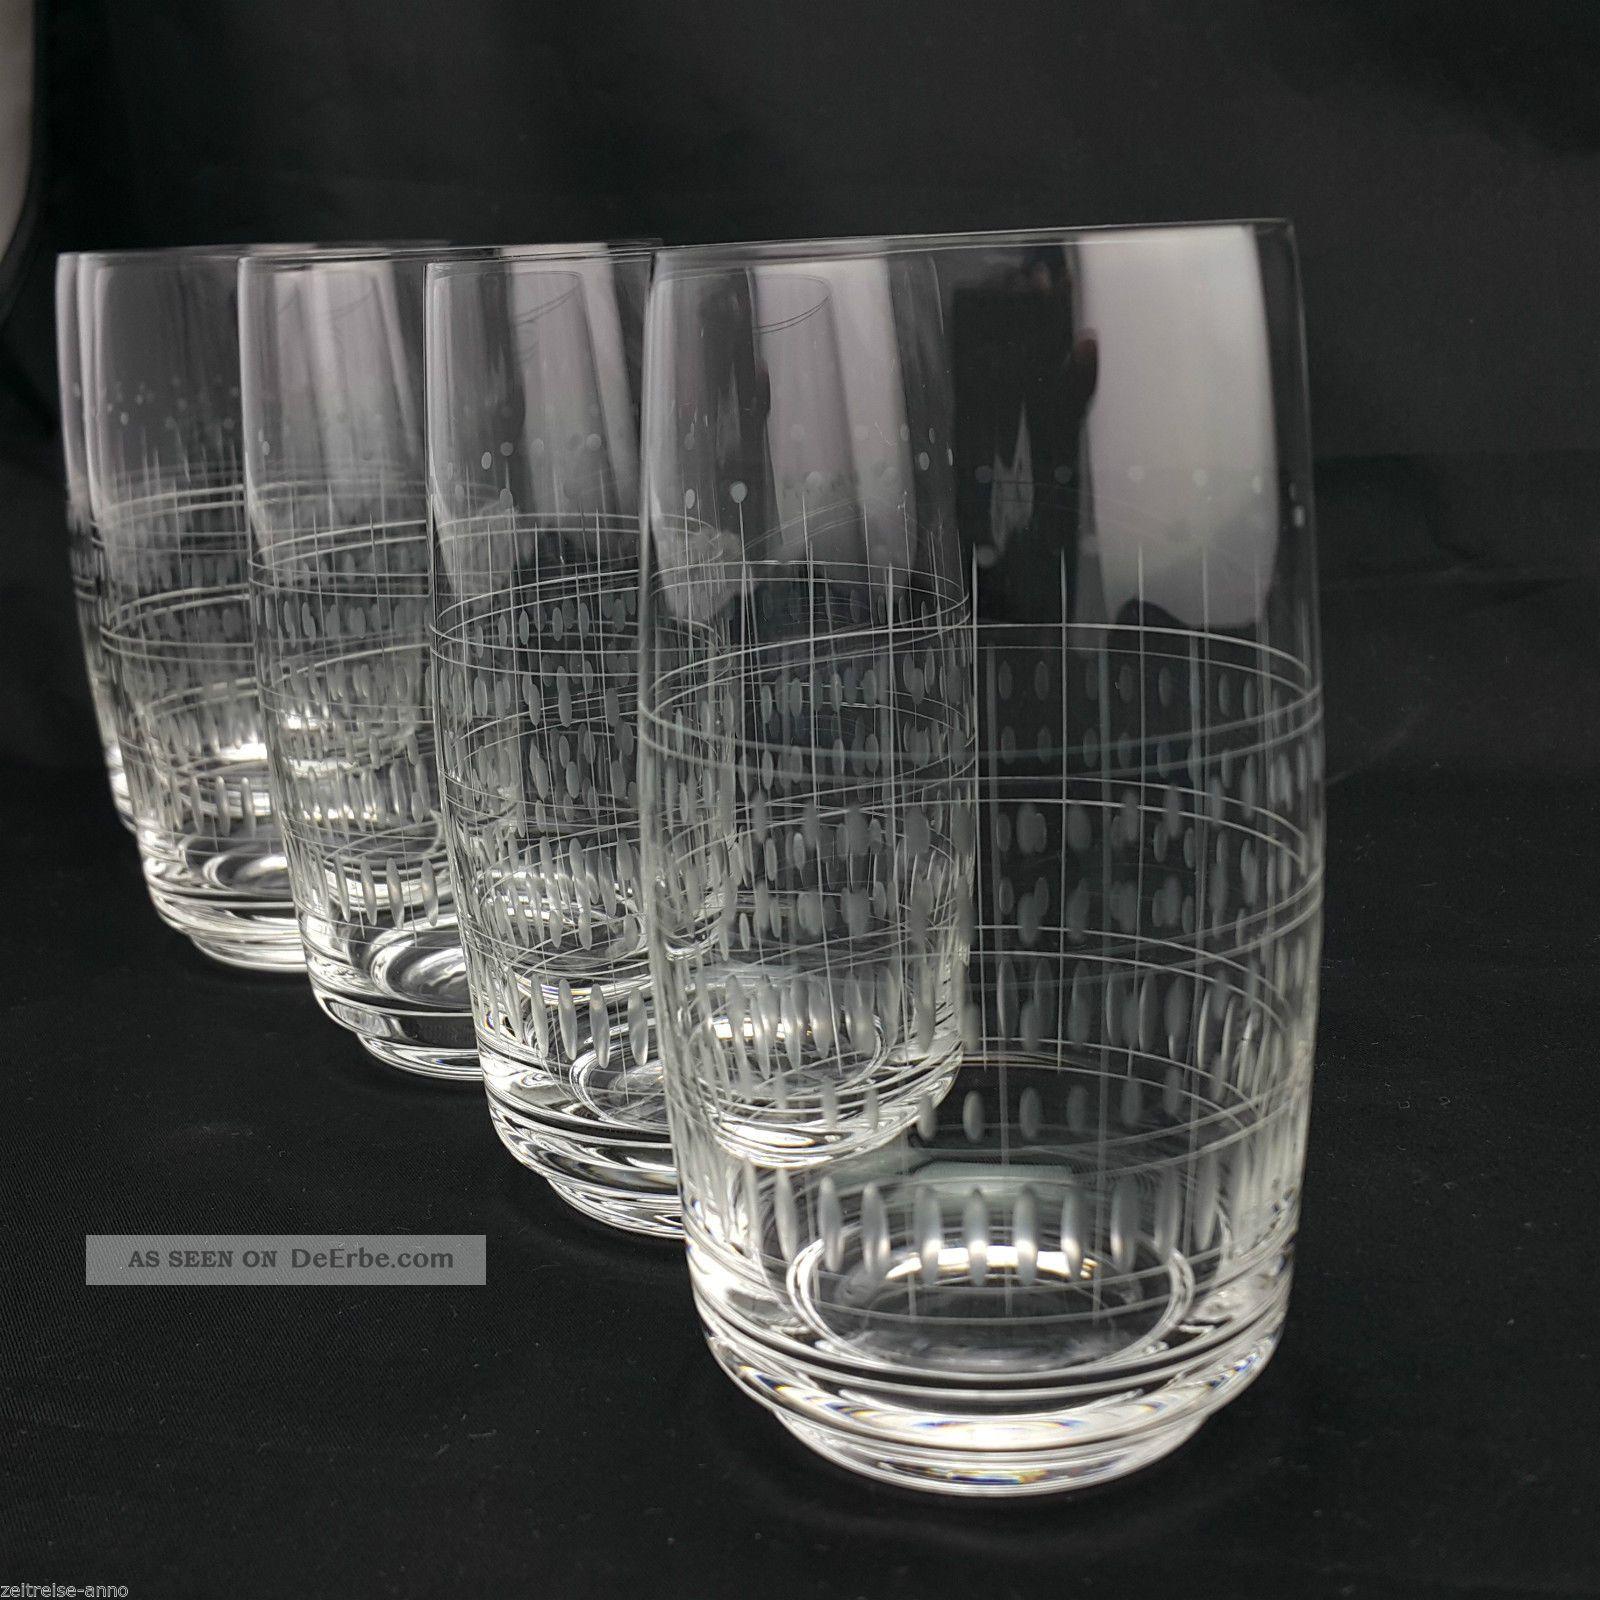 5 Alte Kristall Wassergläser Saftgläser Dünnwandig Feiner Streifen Olivenschliff Kristall Bild